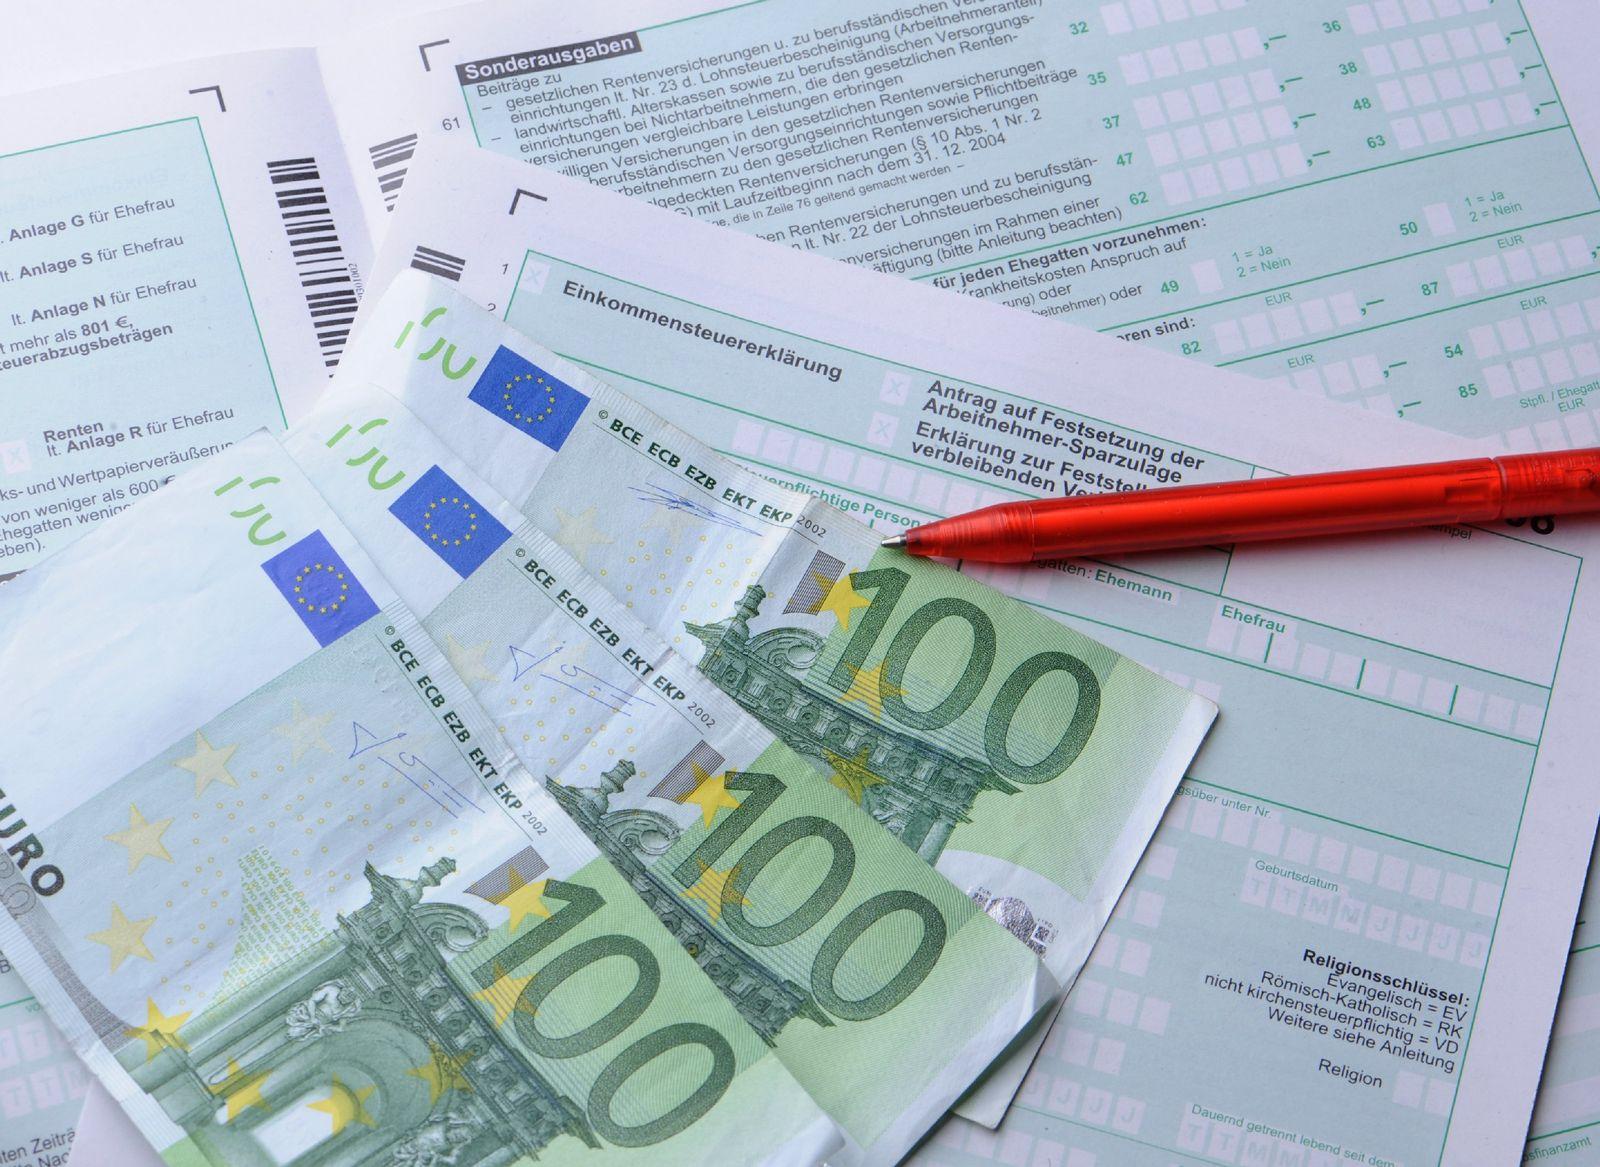 Steuererklärung / THEMA mmO: Die Steuerkolumne